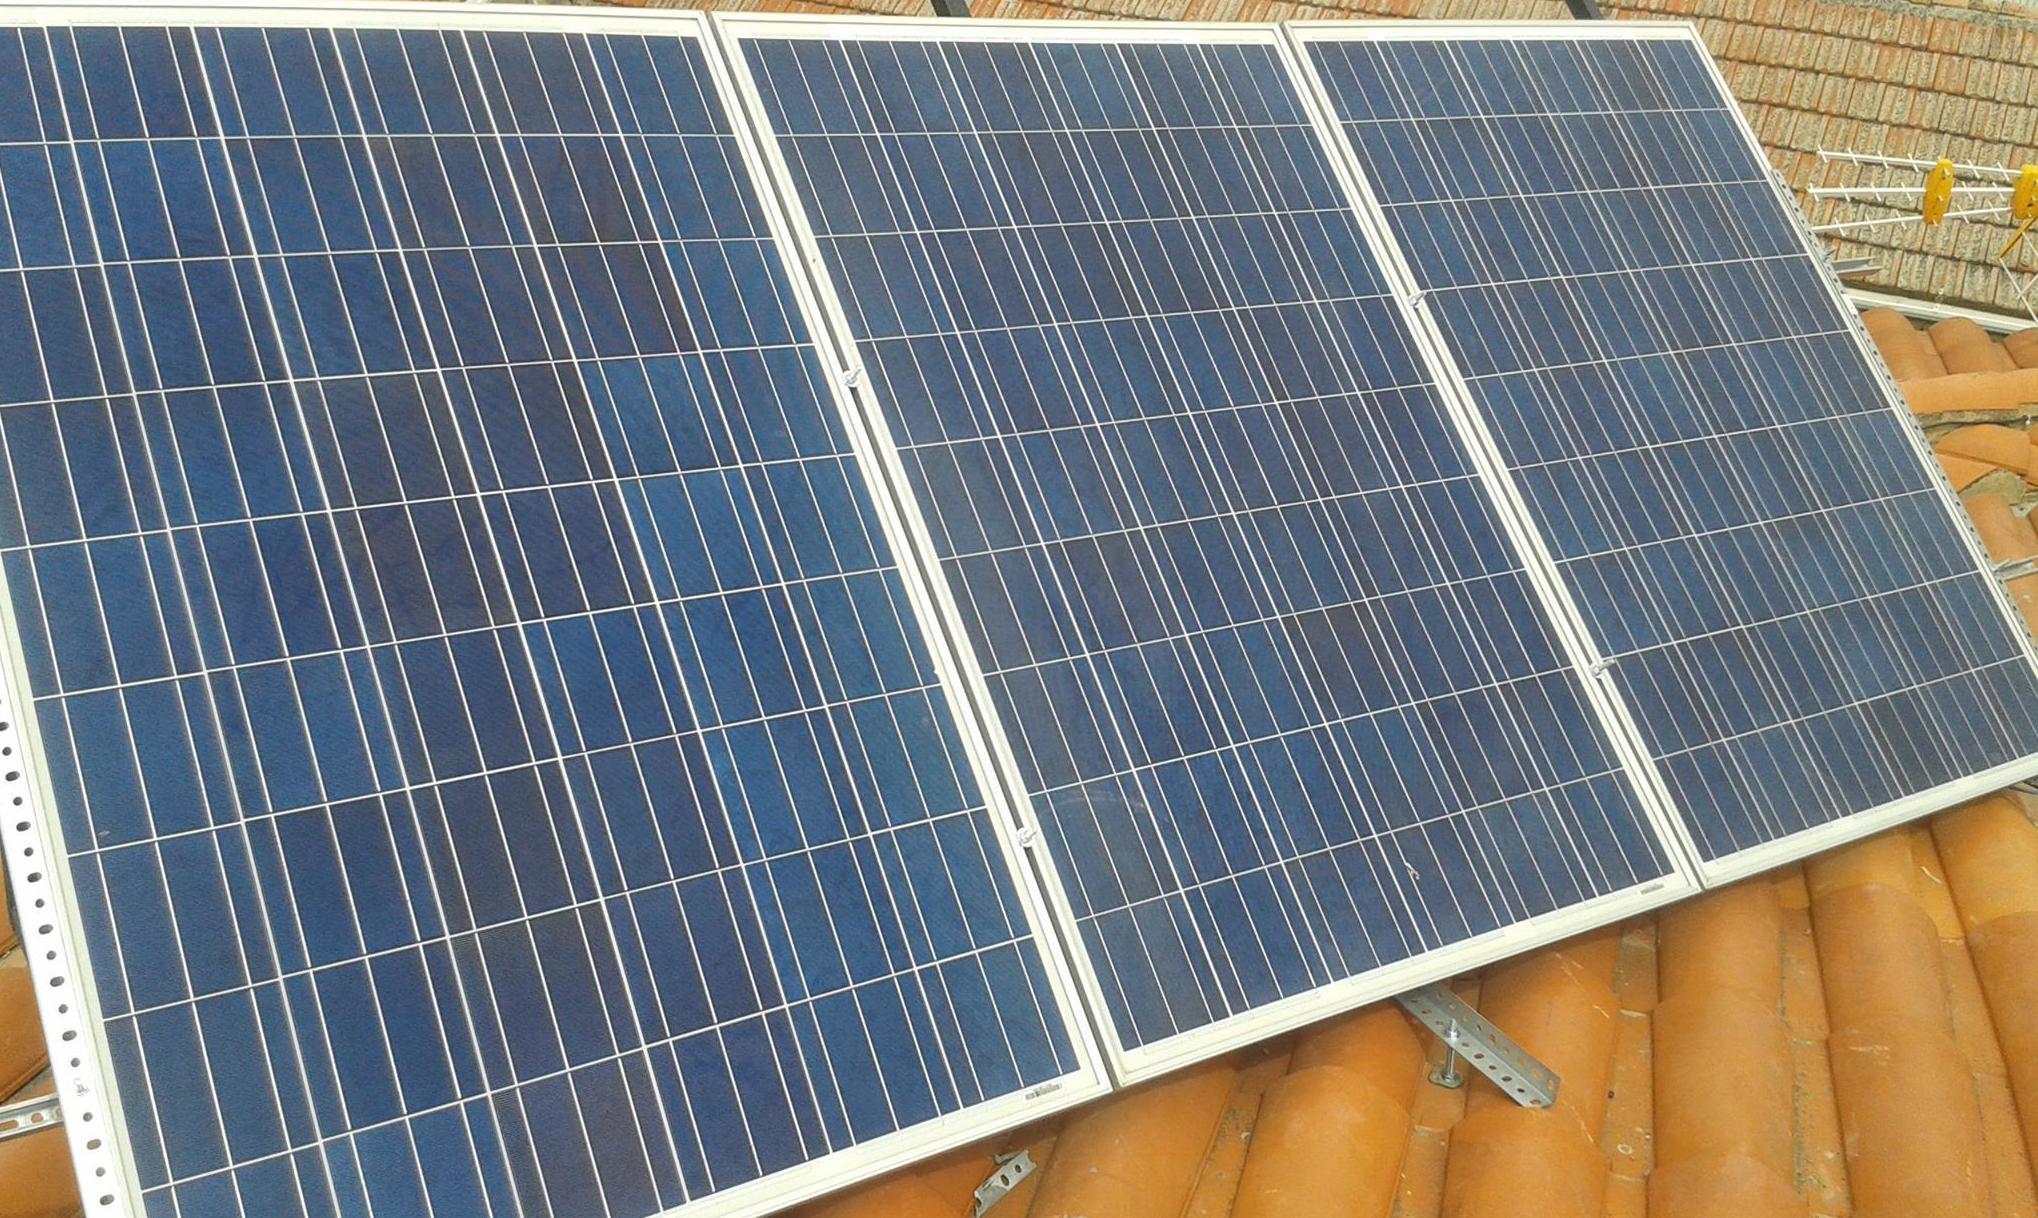 Venta de placas solares según la necesidad del cliente